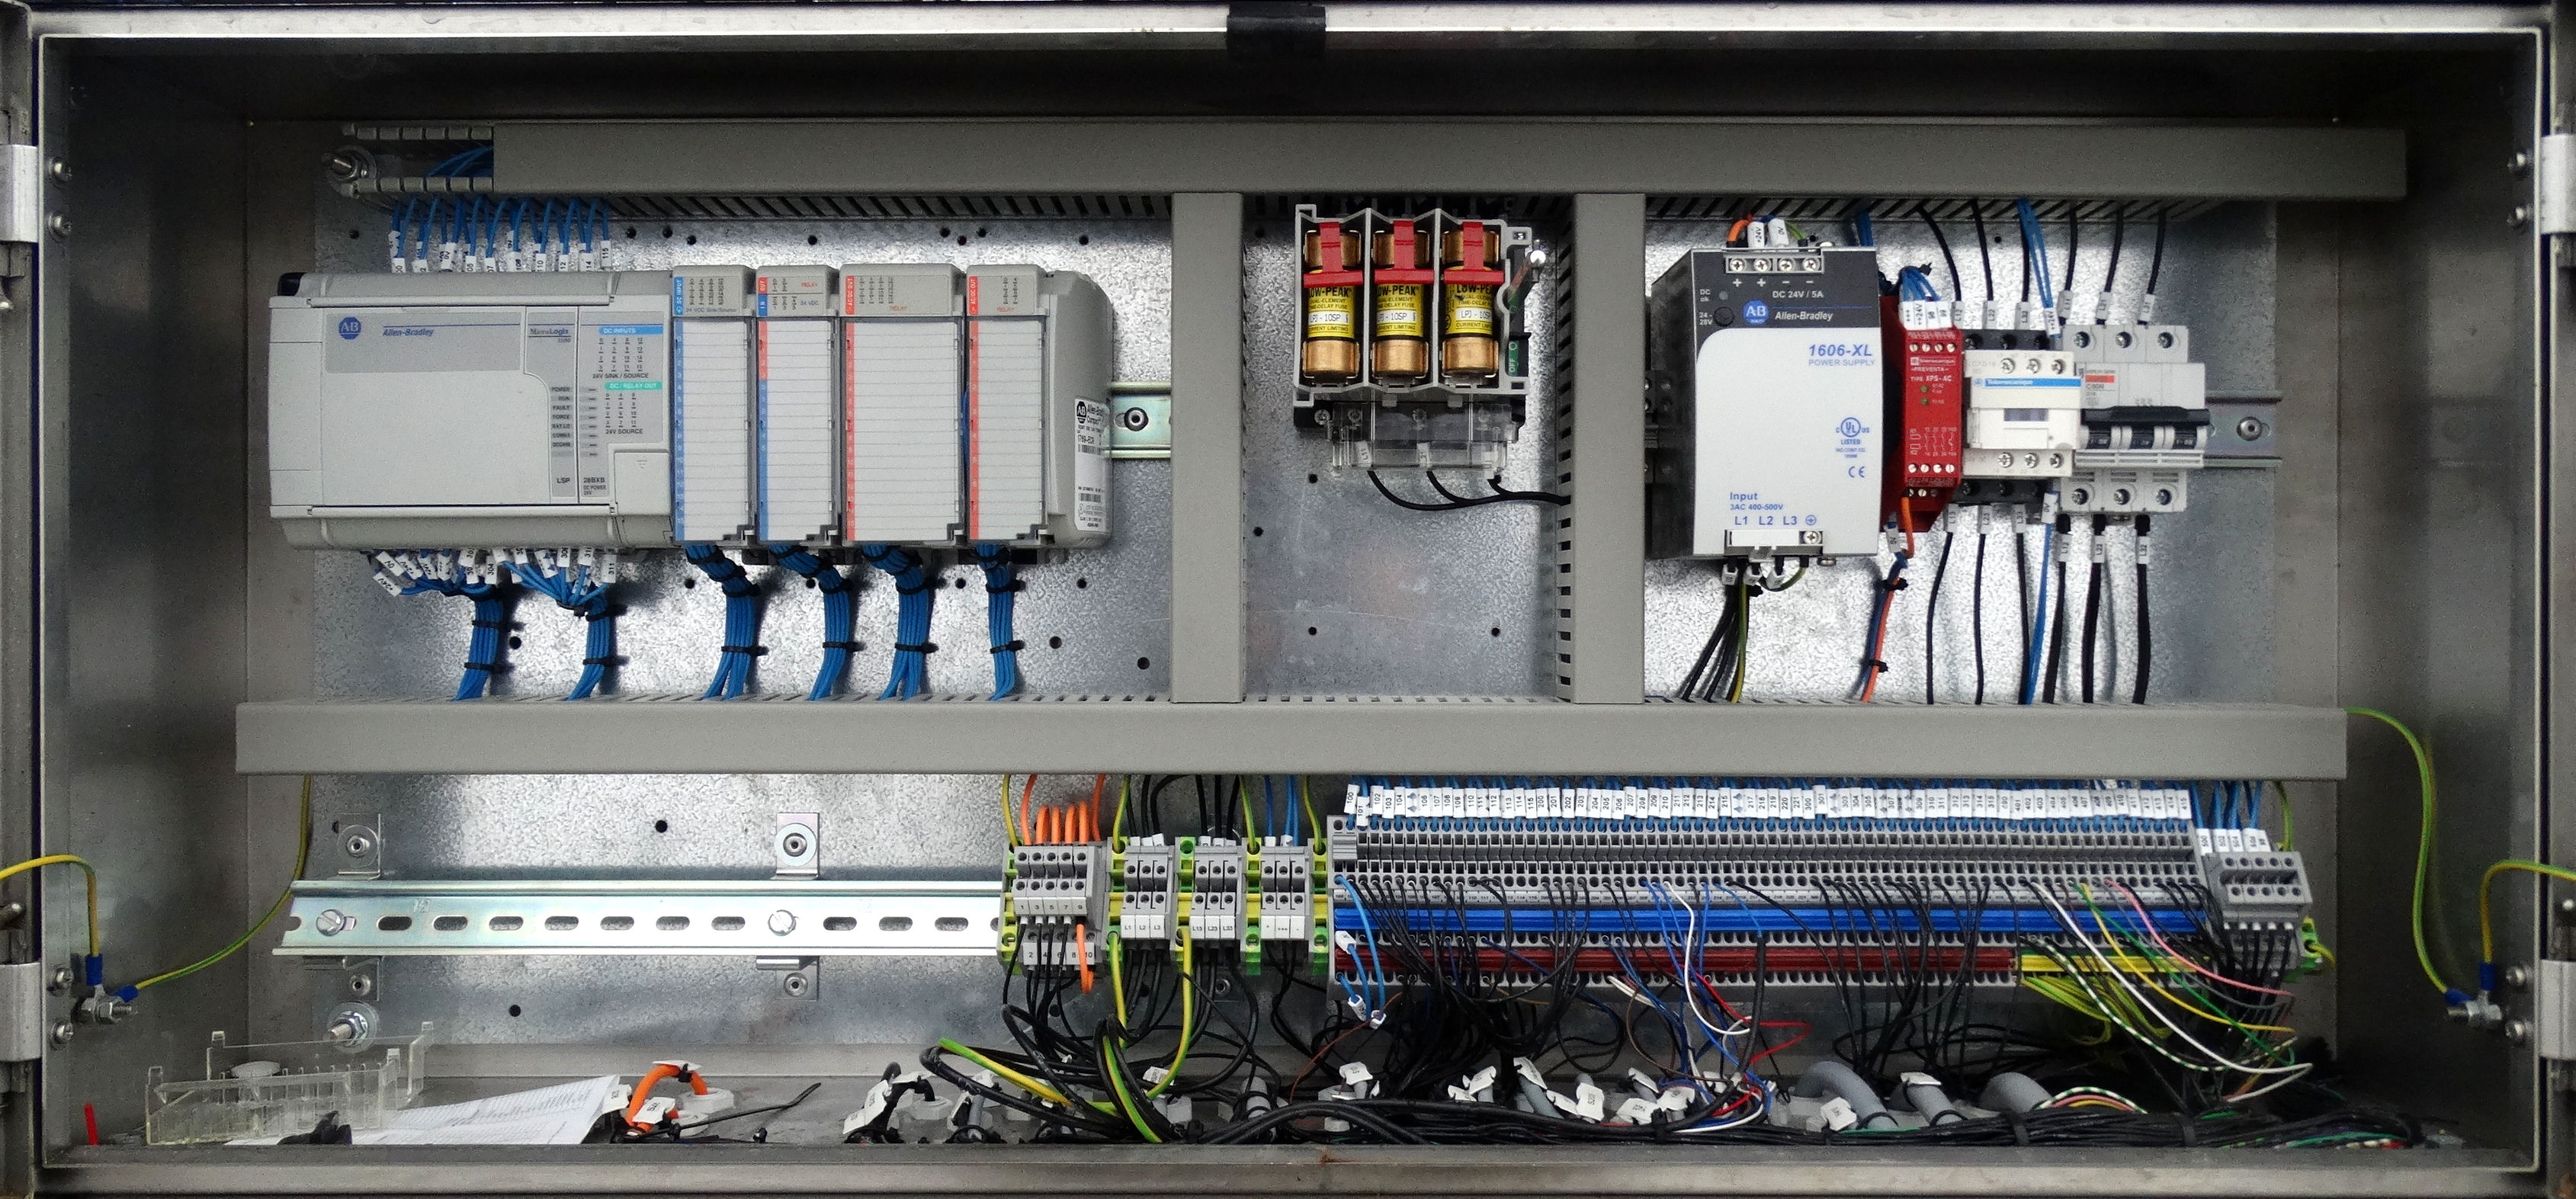 OK International Superformer 2M Case Erector B5007 - Image 13 of 16